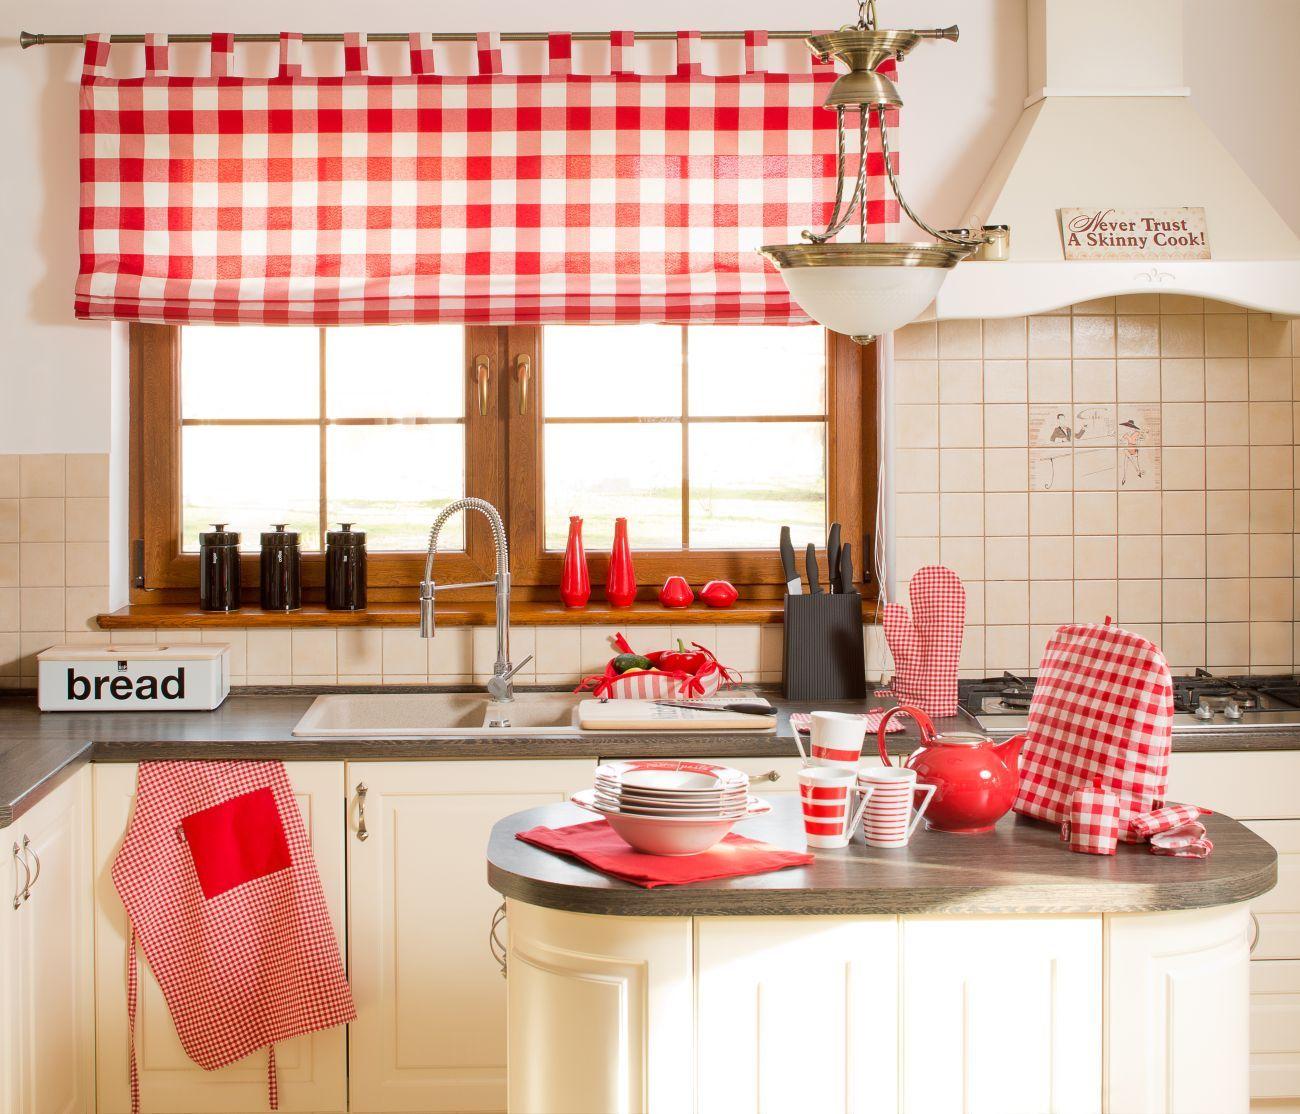 Firanki Do Kuchni W Stylu Angielskim French Home Decor Checkered Decor Home Decor